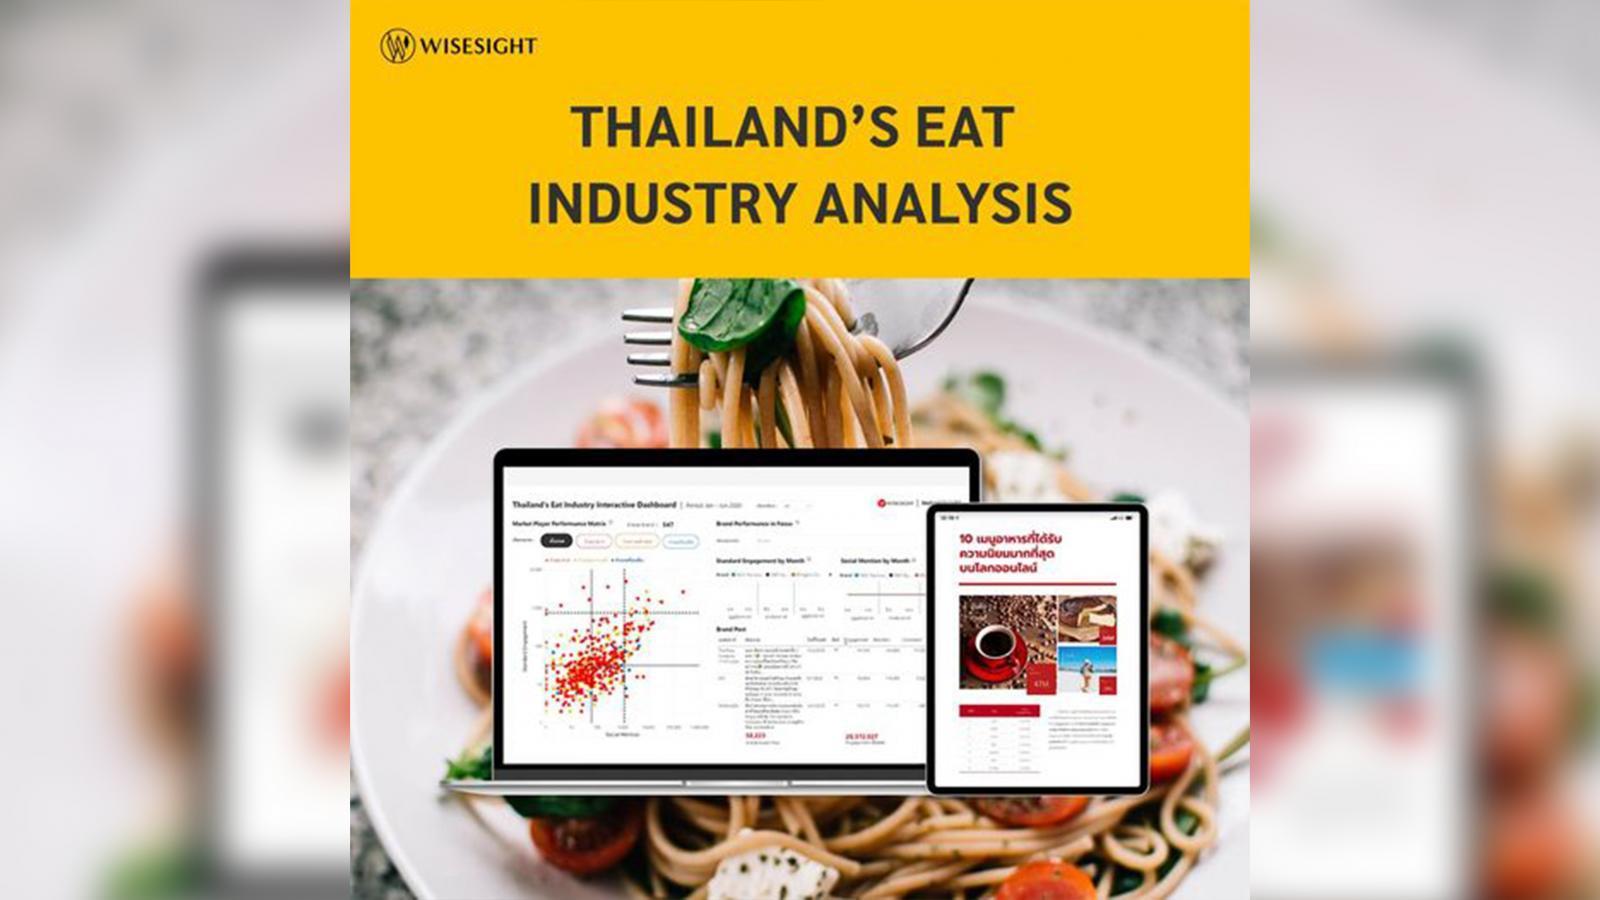 ครั้งแรก! เปิดตัว Thailand's Eat Industry Analysis  พร้อม Interactive Dashboard บทวิเคราะห์แบบเจาะลึกพฤติกรรมการกินของคนไทยทั้งประเทศ